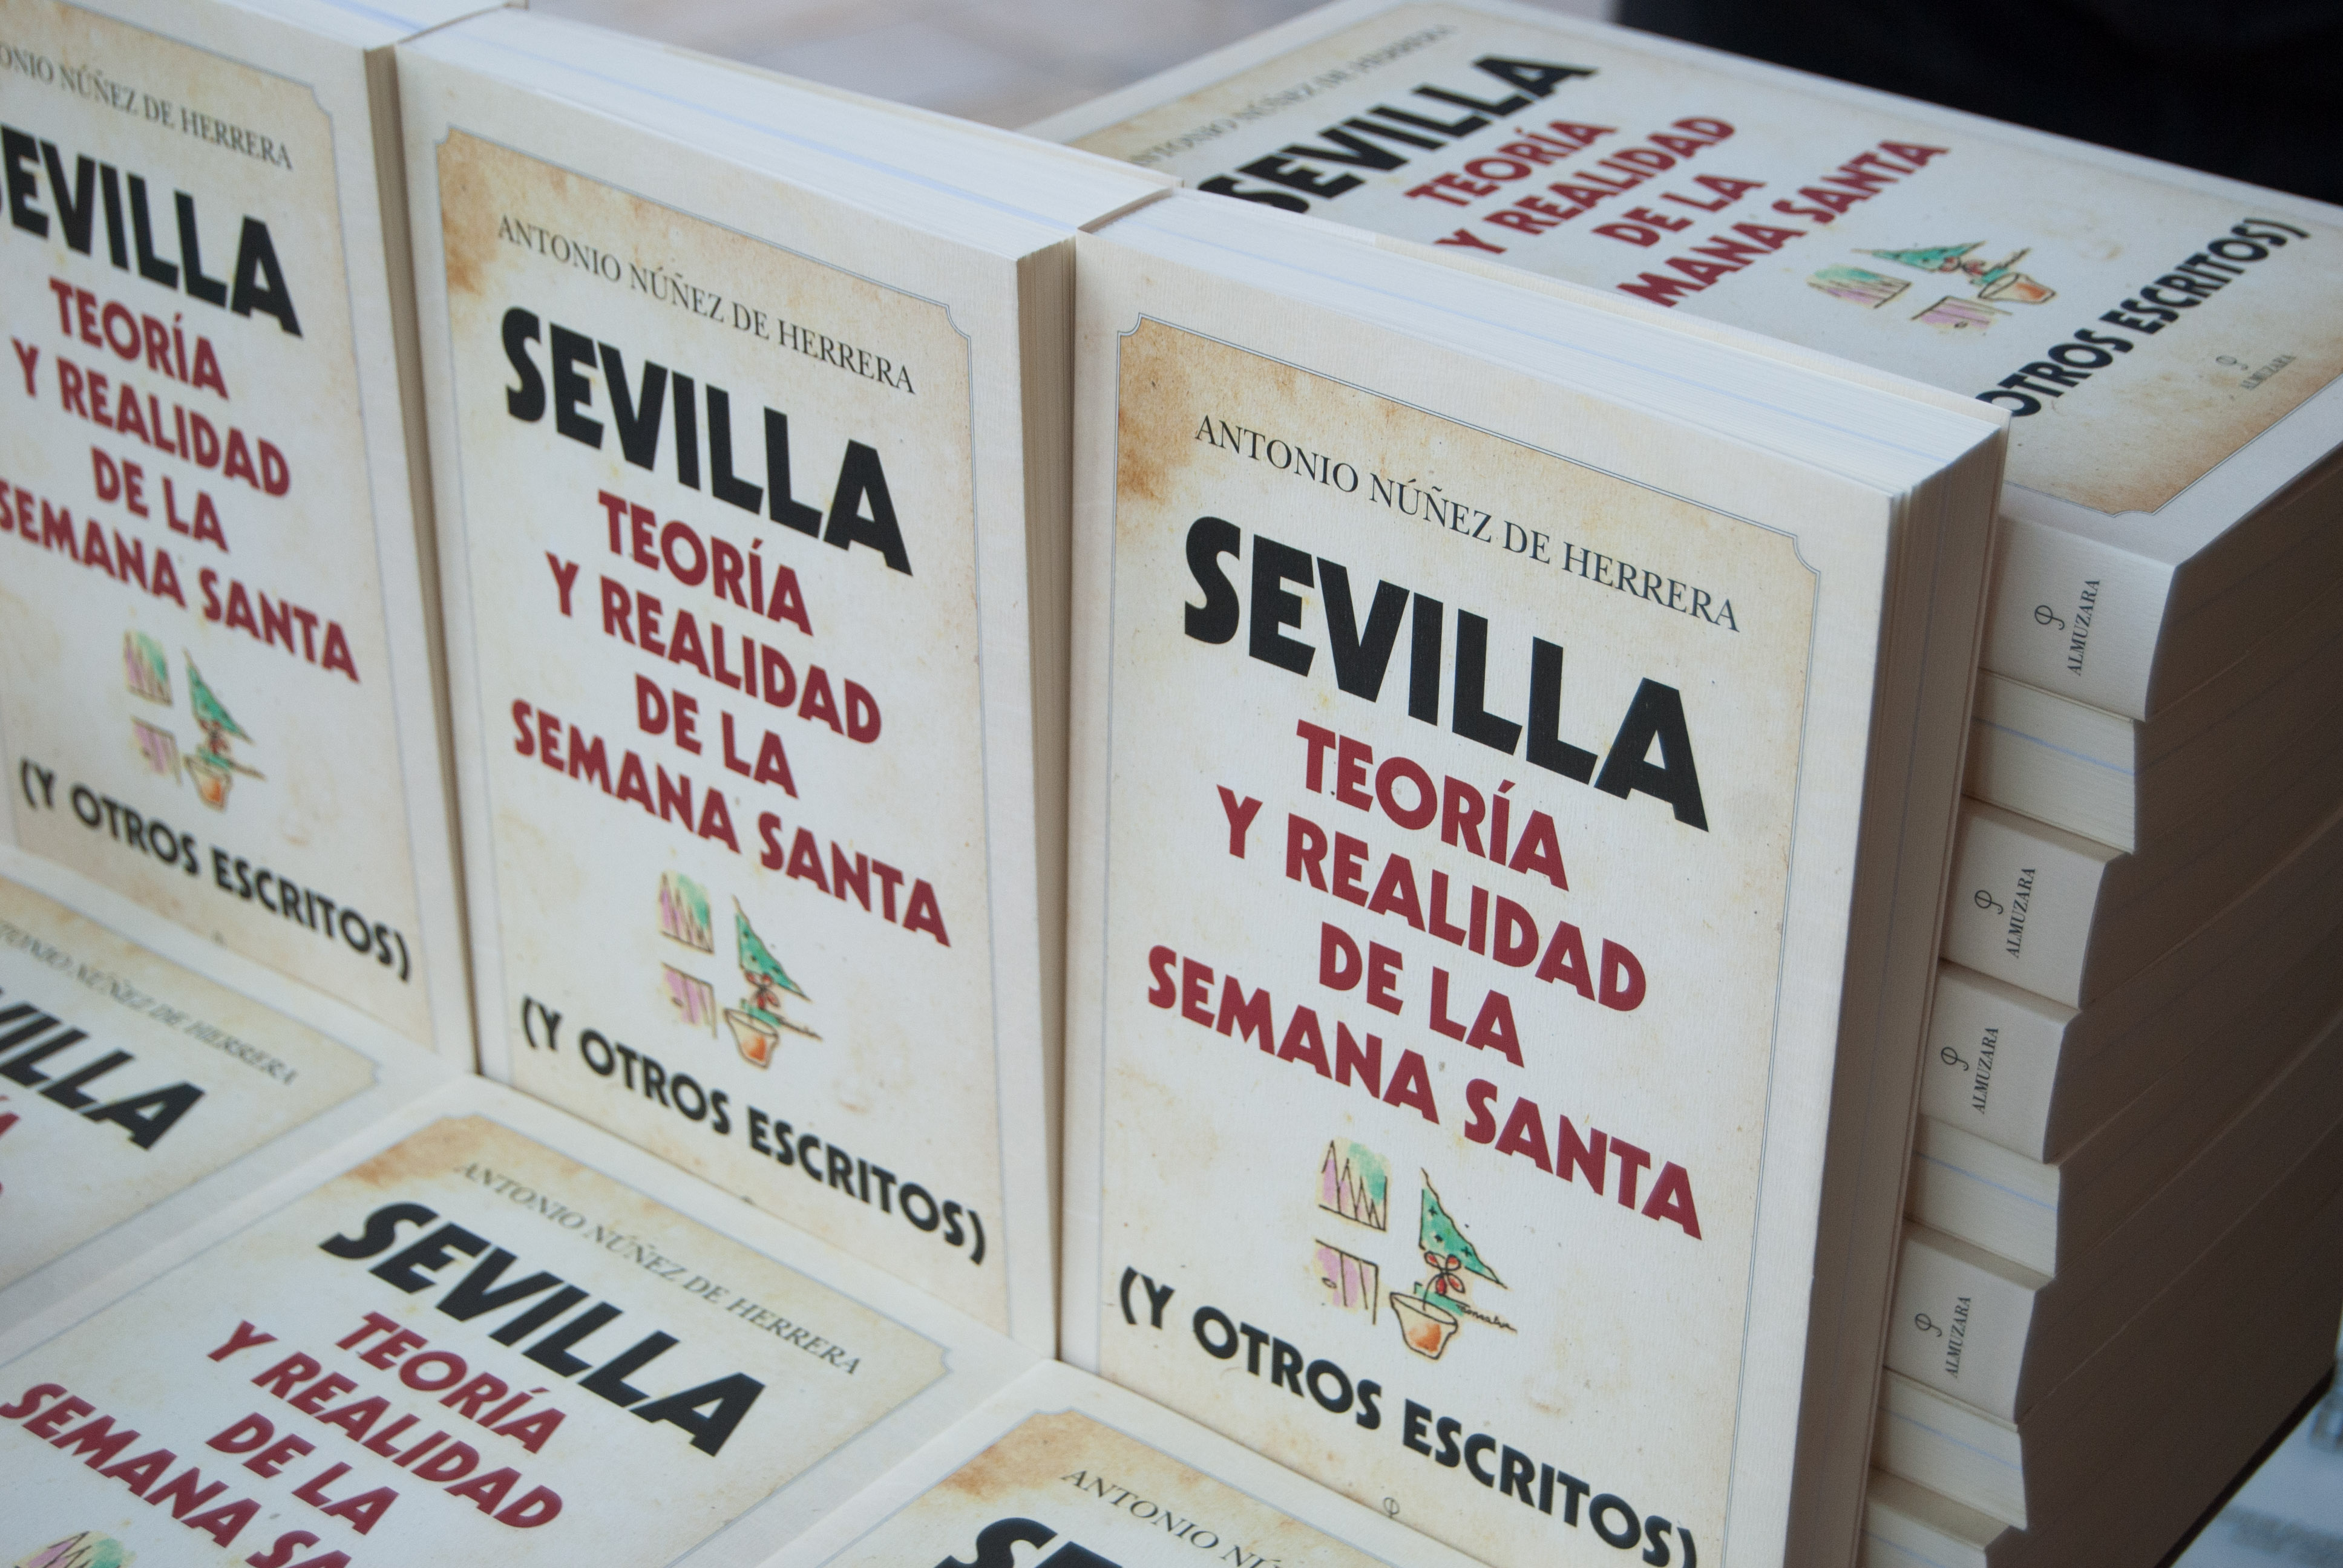 Sevilla. Teoría y Realidad de la Semana Santa